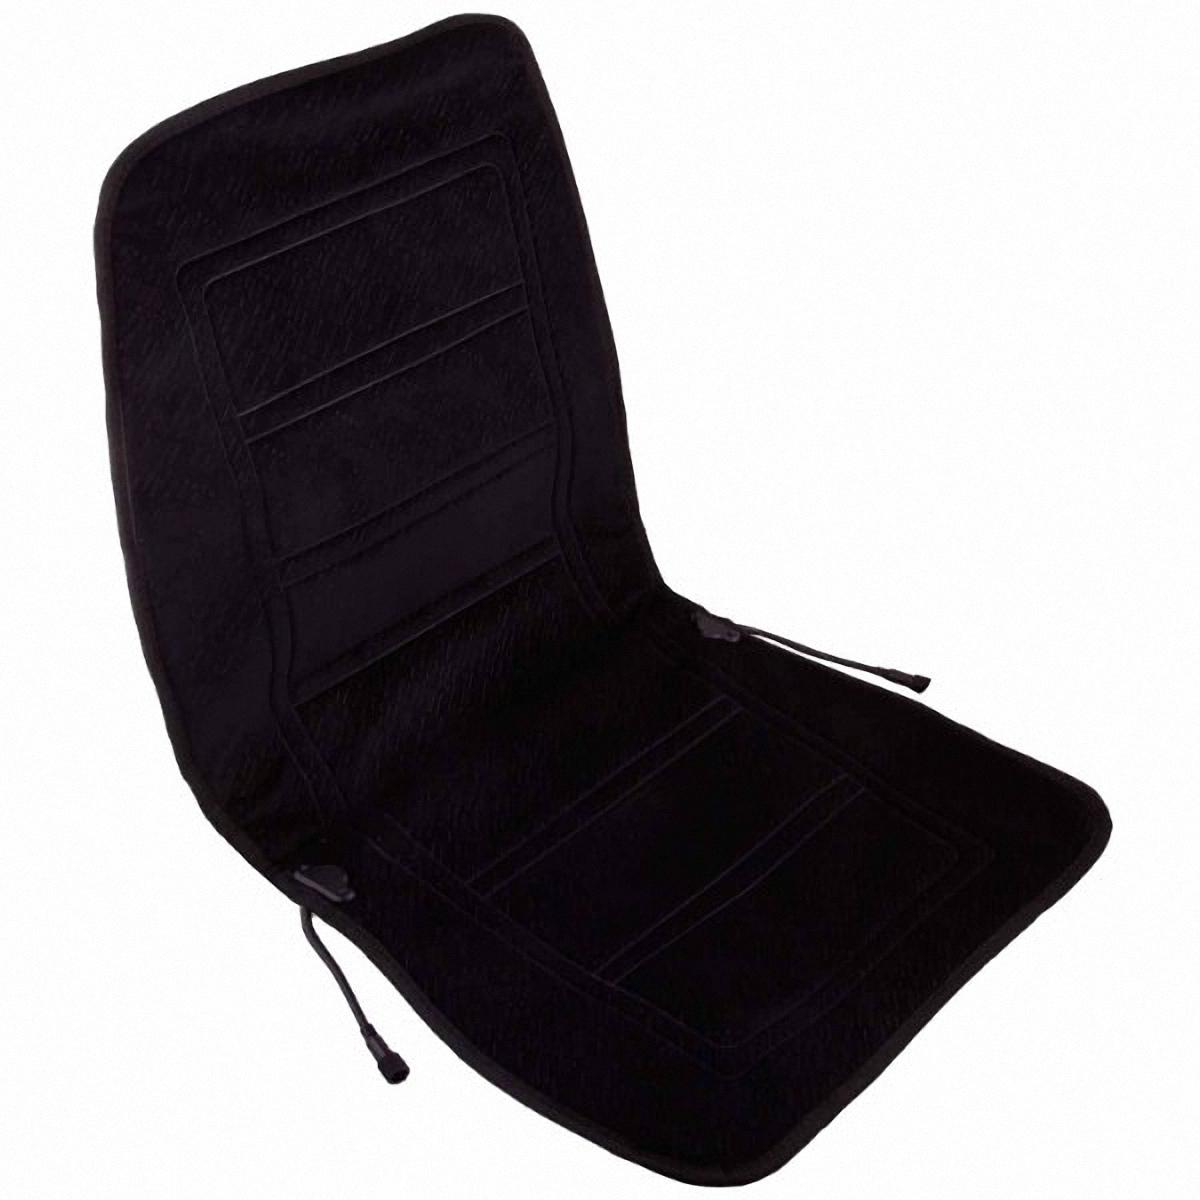 Подогрев для сиденья Skyway, со спинкой, цвет: черный, 95 х 47 смDH2400D/ORВ подогреве для сиденья Skyway в качестве теплоносителя применяется углеродный материал. Такой нагреватель обладает феноменальной гибкостью и прочностью на разрыв в отличие от аналогов, изготовленных из медного или иного металлического провода.Особенности:- Универсальный размер.- Снижает усталость при управлении автомобилем.- Обеспечивает комфортное вождение в холодное время года.- Простая и быстрая установка.- Умеренный и интенсивный режим нагрева.- Терморегулятор для изменения интенсивности нагрева.- Защита крепления шнура питания к подогреву.Устройство подключается к прикуривателю на 12V.